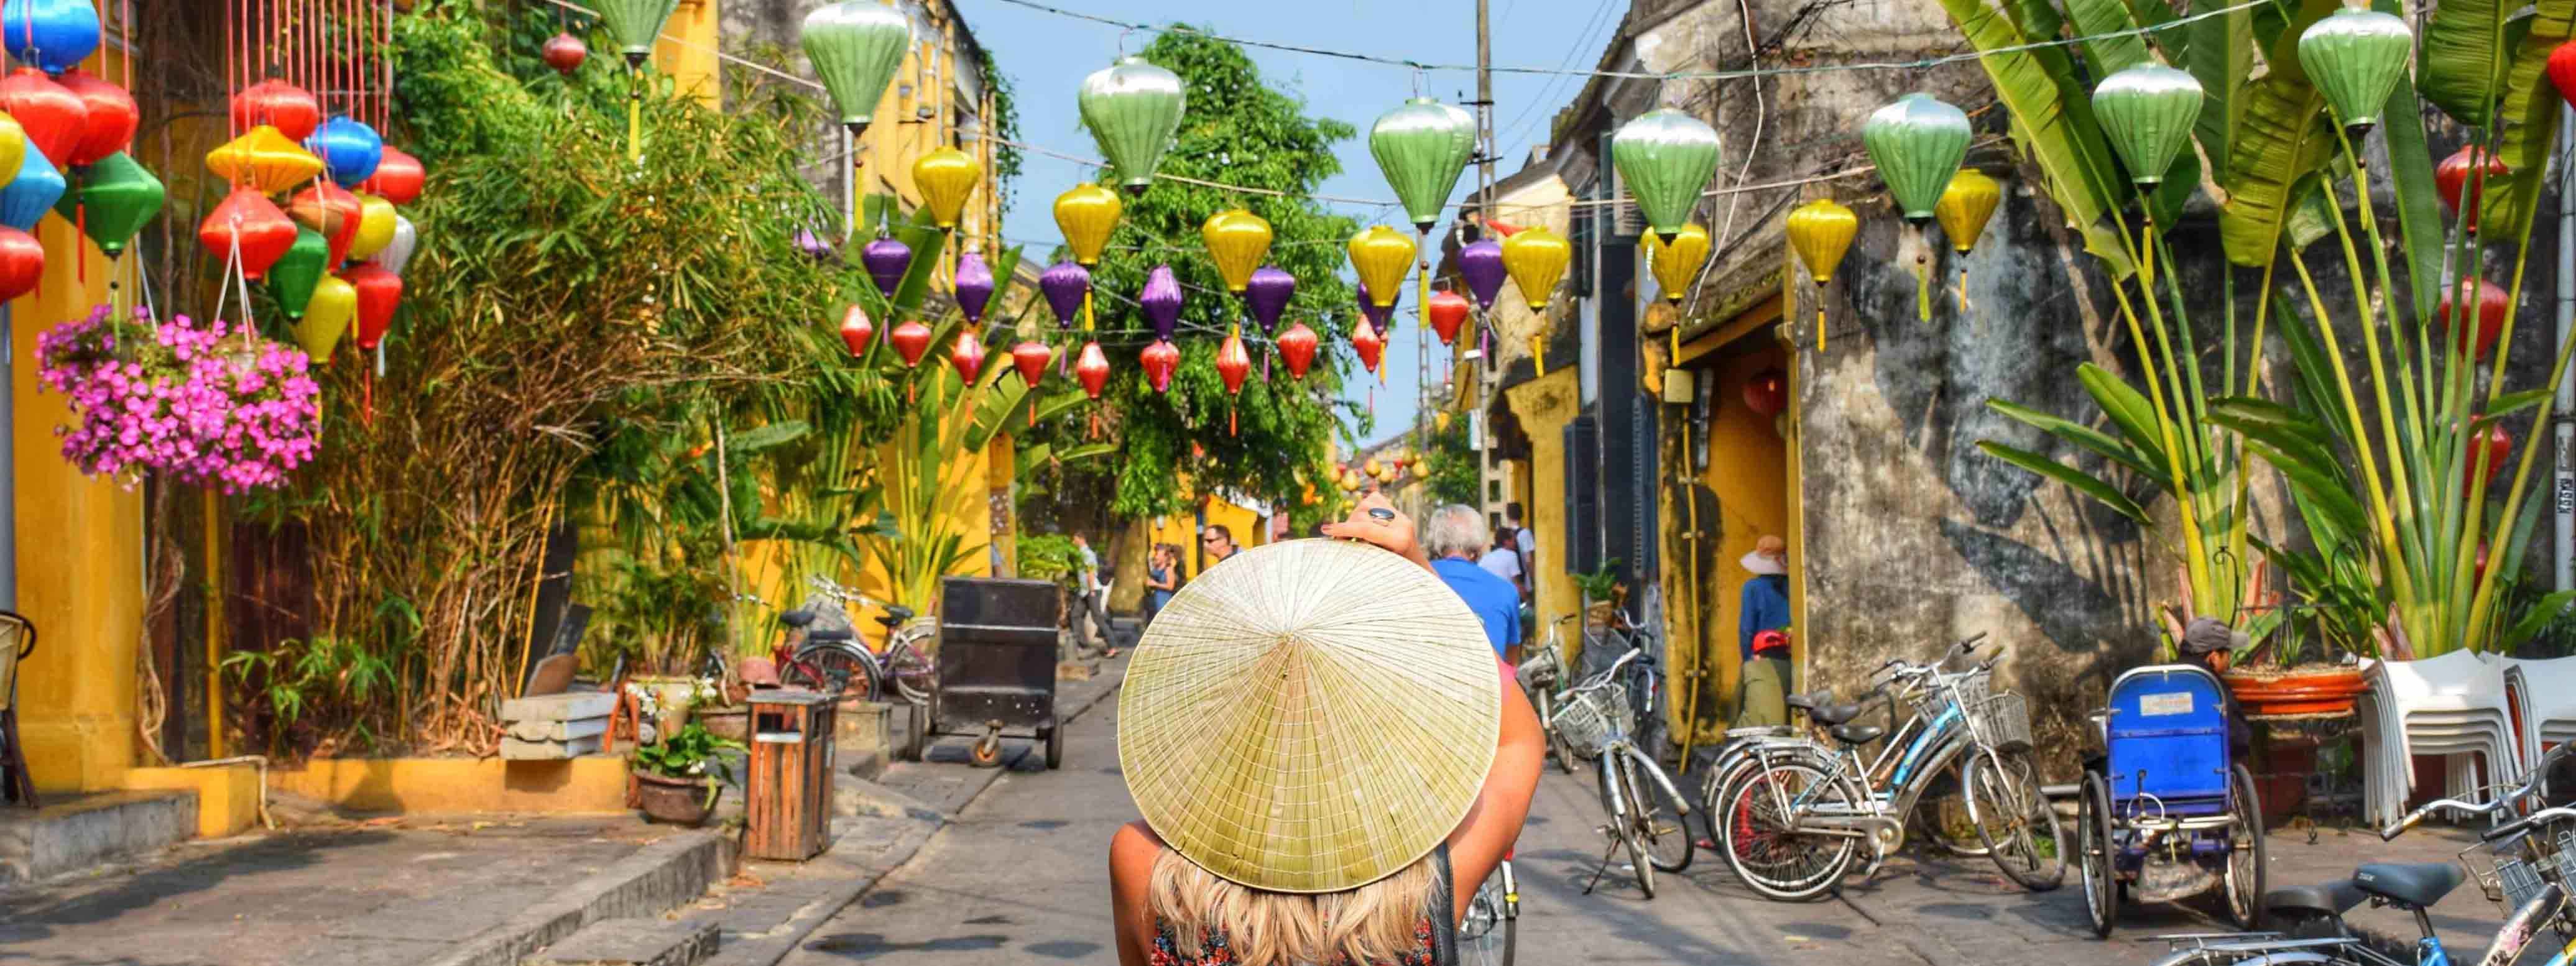 Cidade antiga de Hoi An, no centro do Vietnã | Créditos: Lala Rebelo